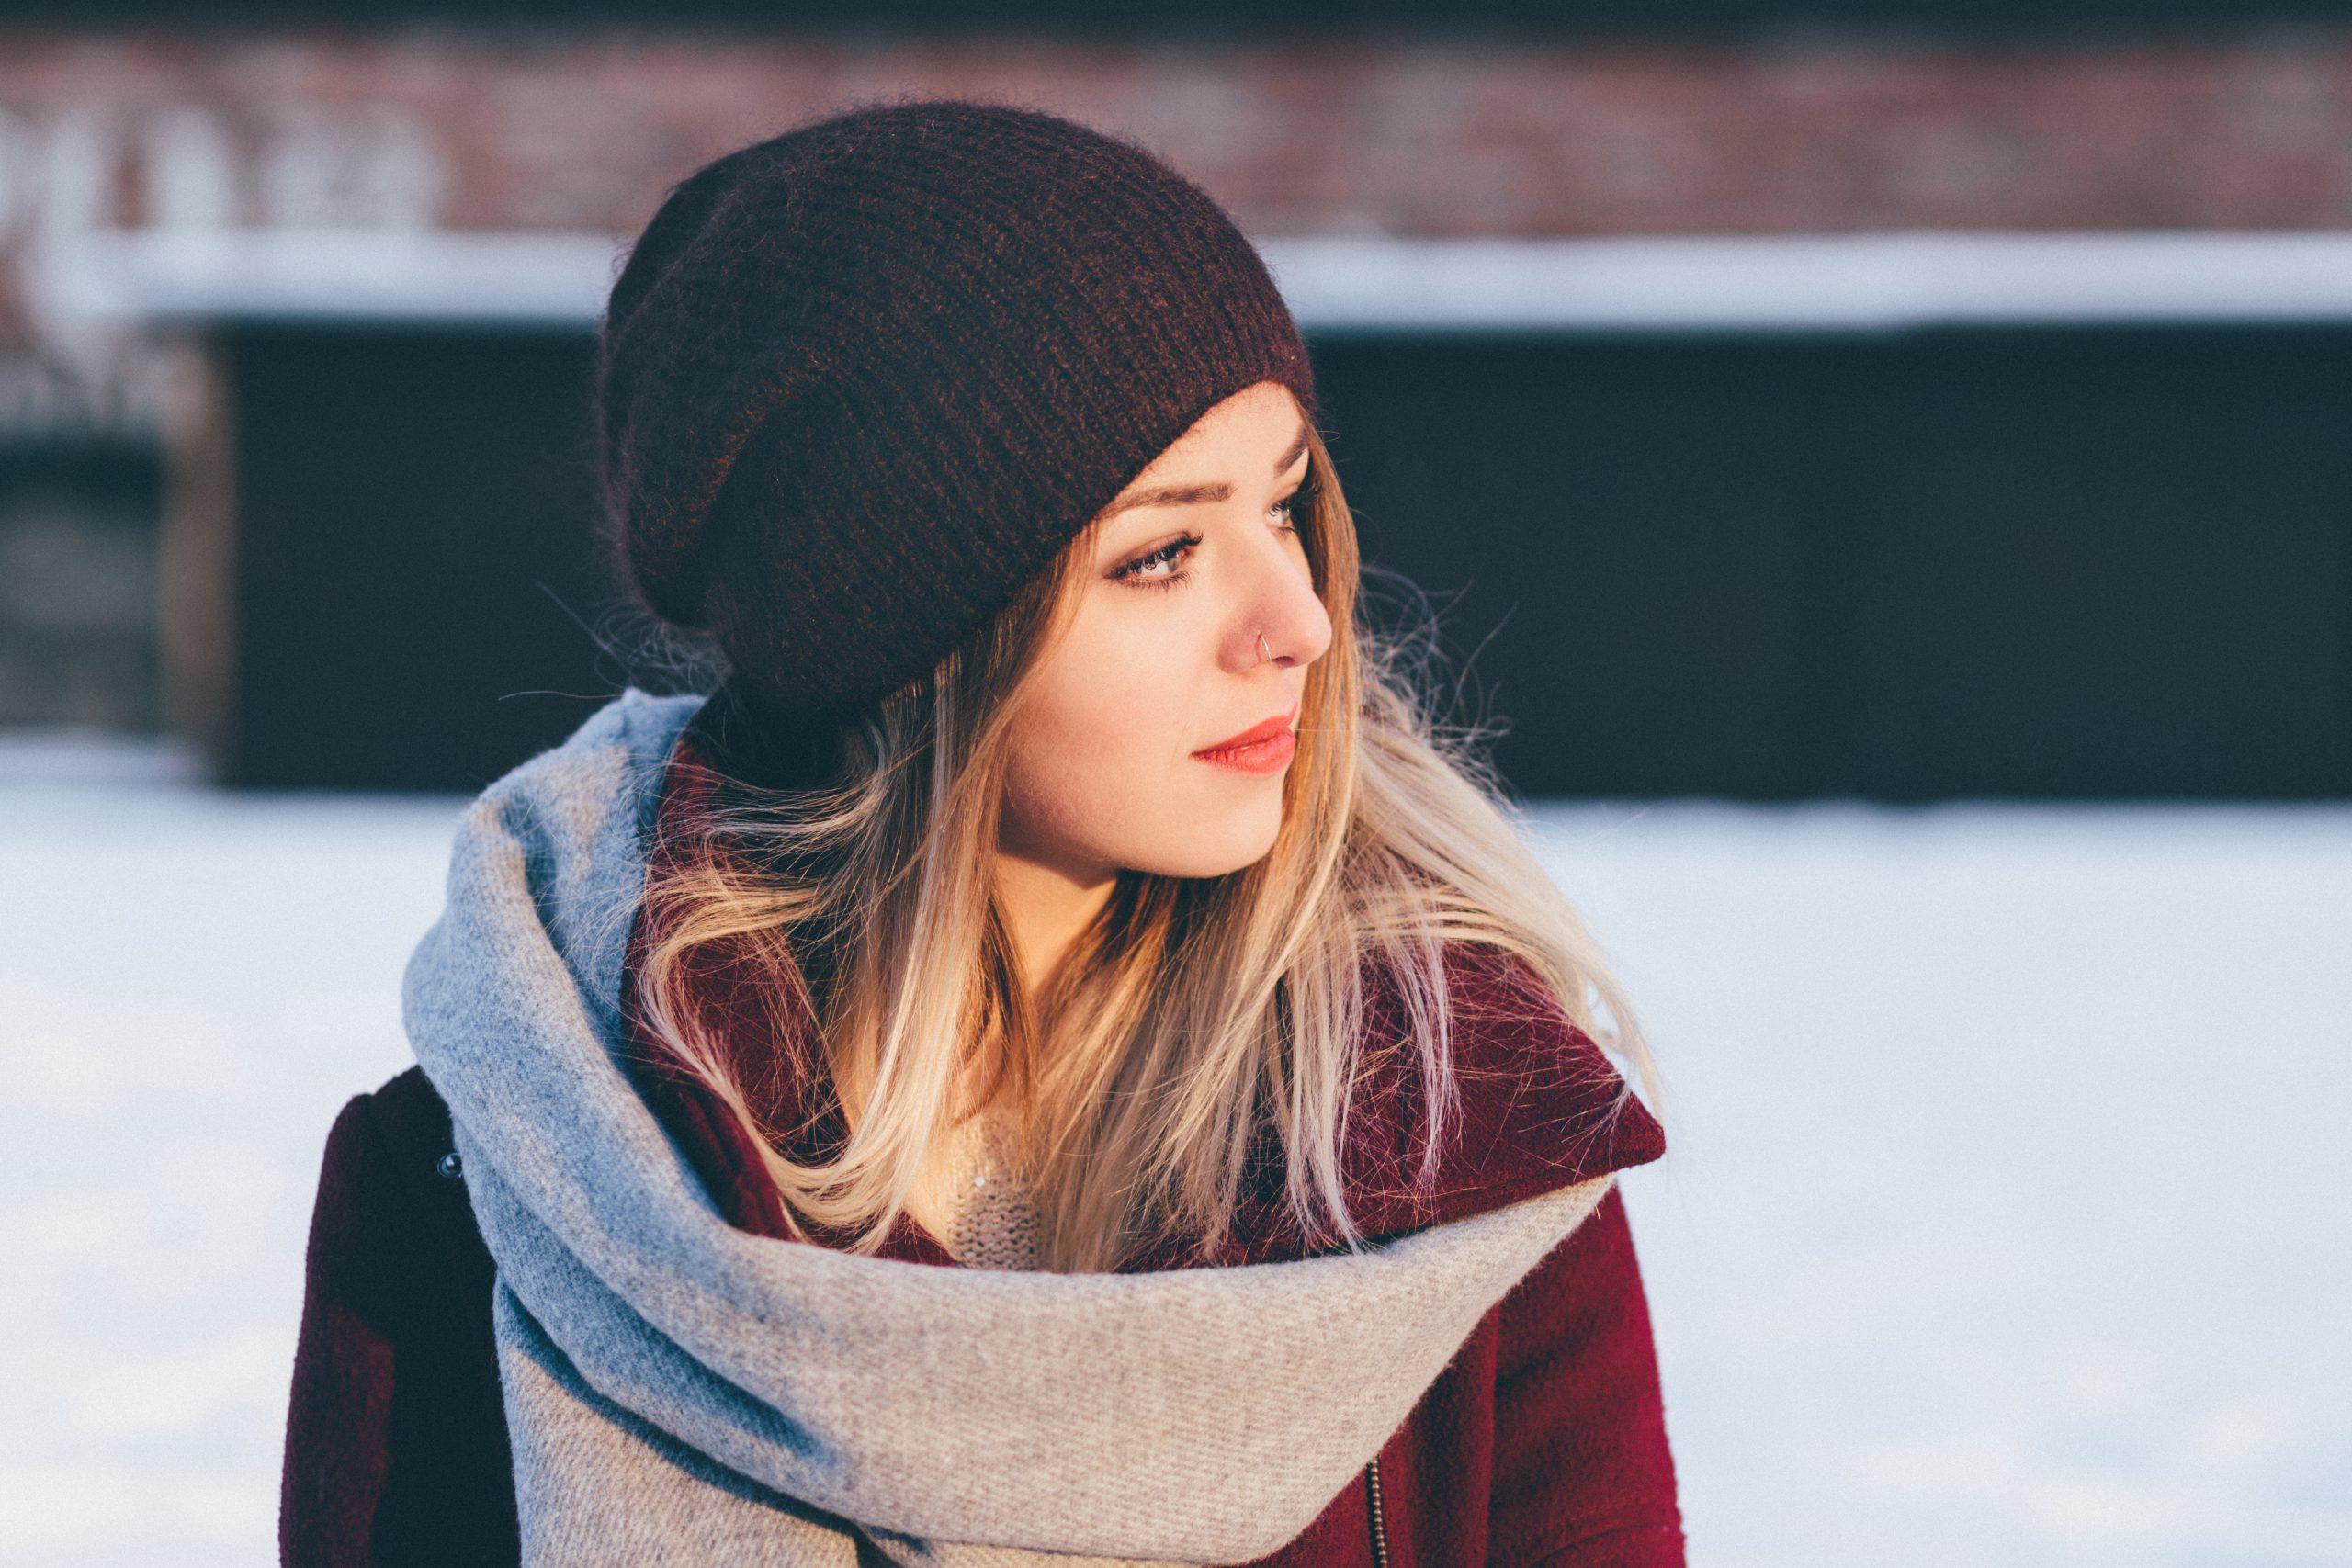 Jak wiązać szalik? Porady na chłodniejsze dni